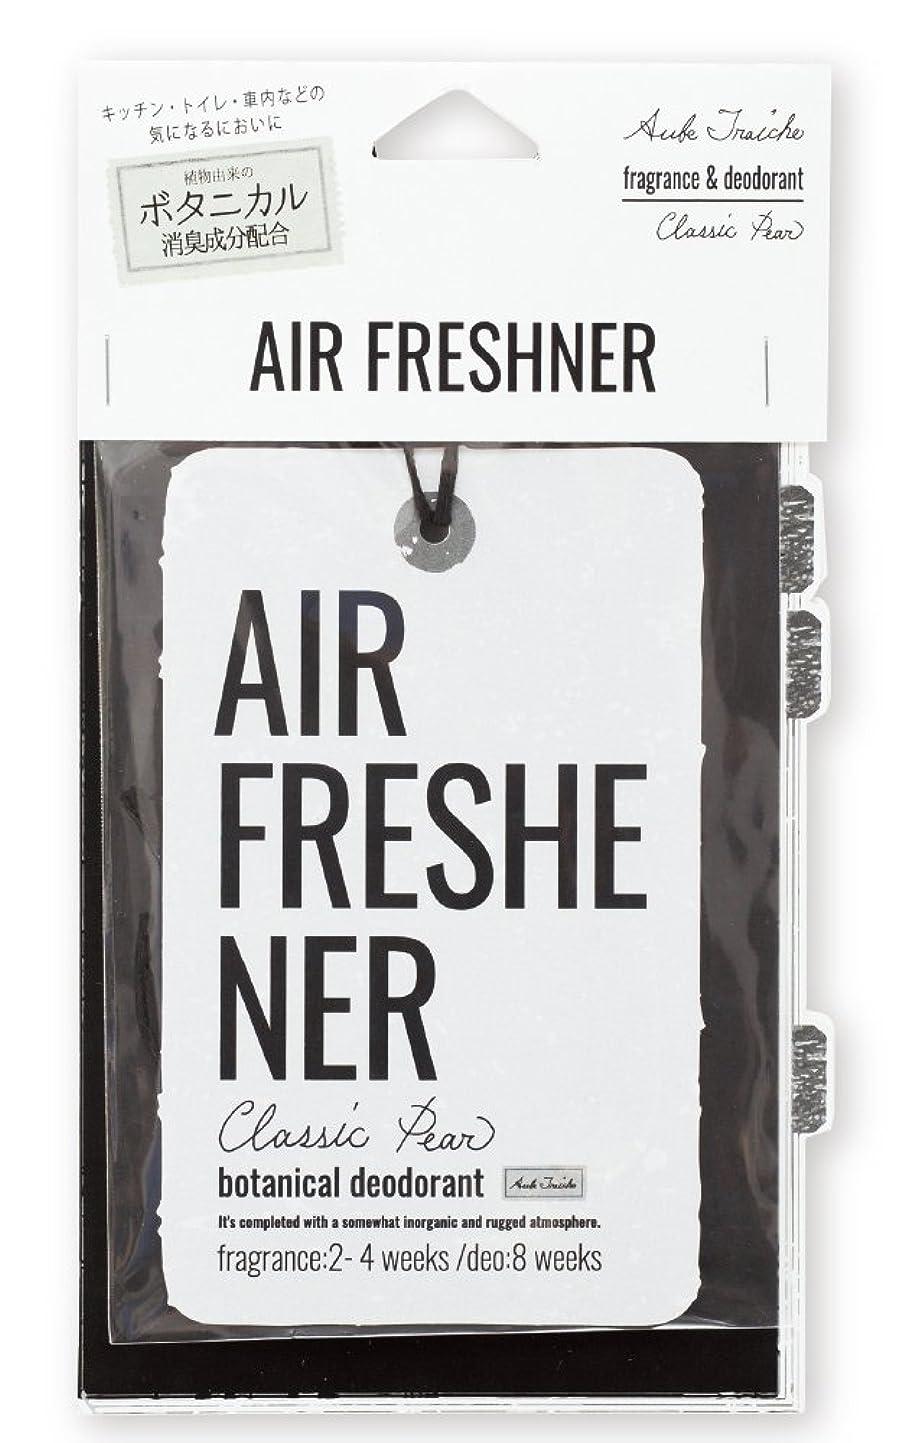 囚人無線舗装ノルコーポレーション エアーフレッシュナー 吊り下げ オーブフレッシュ 消臭 クラシックペアーの香り OA-AFE-1-3